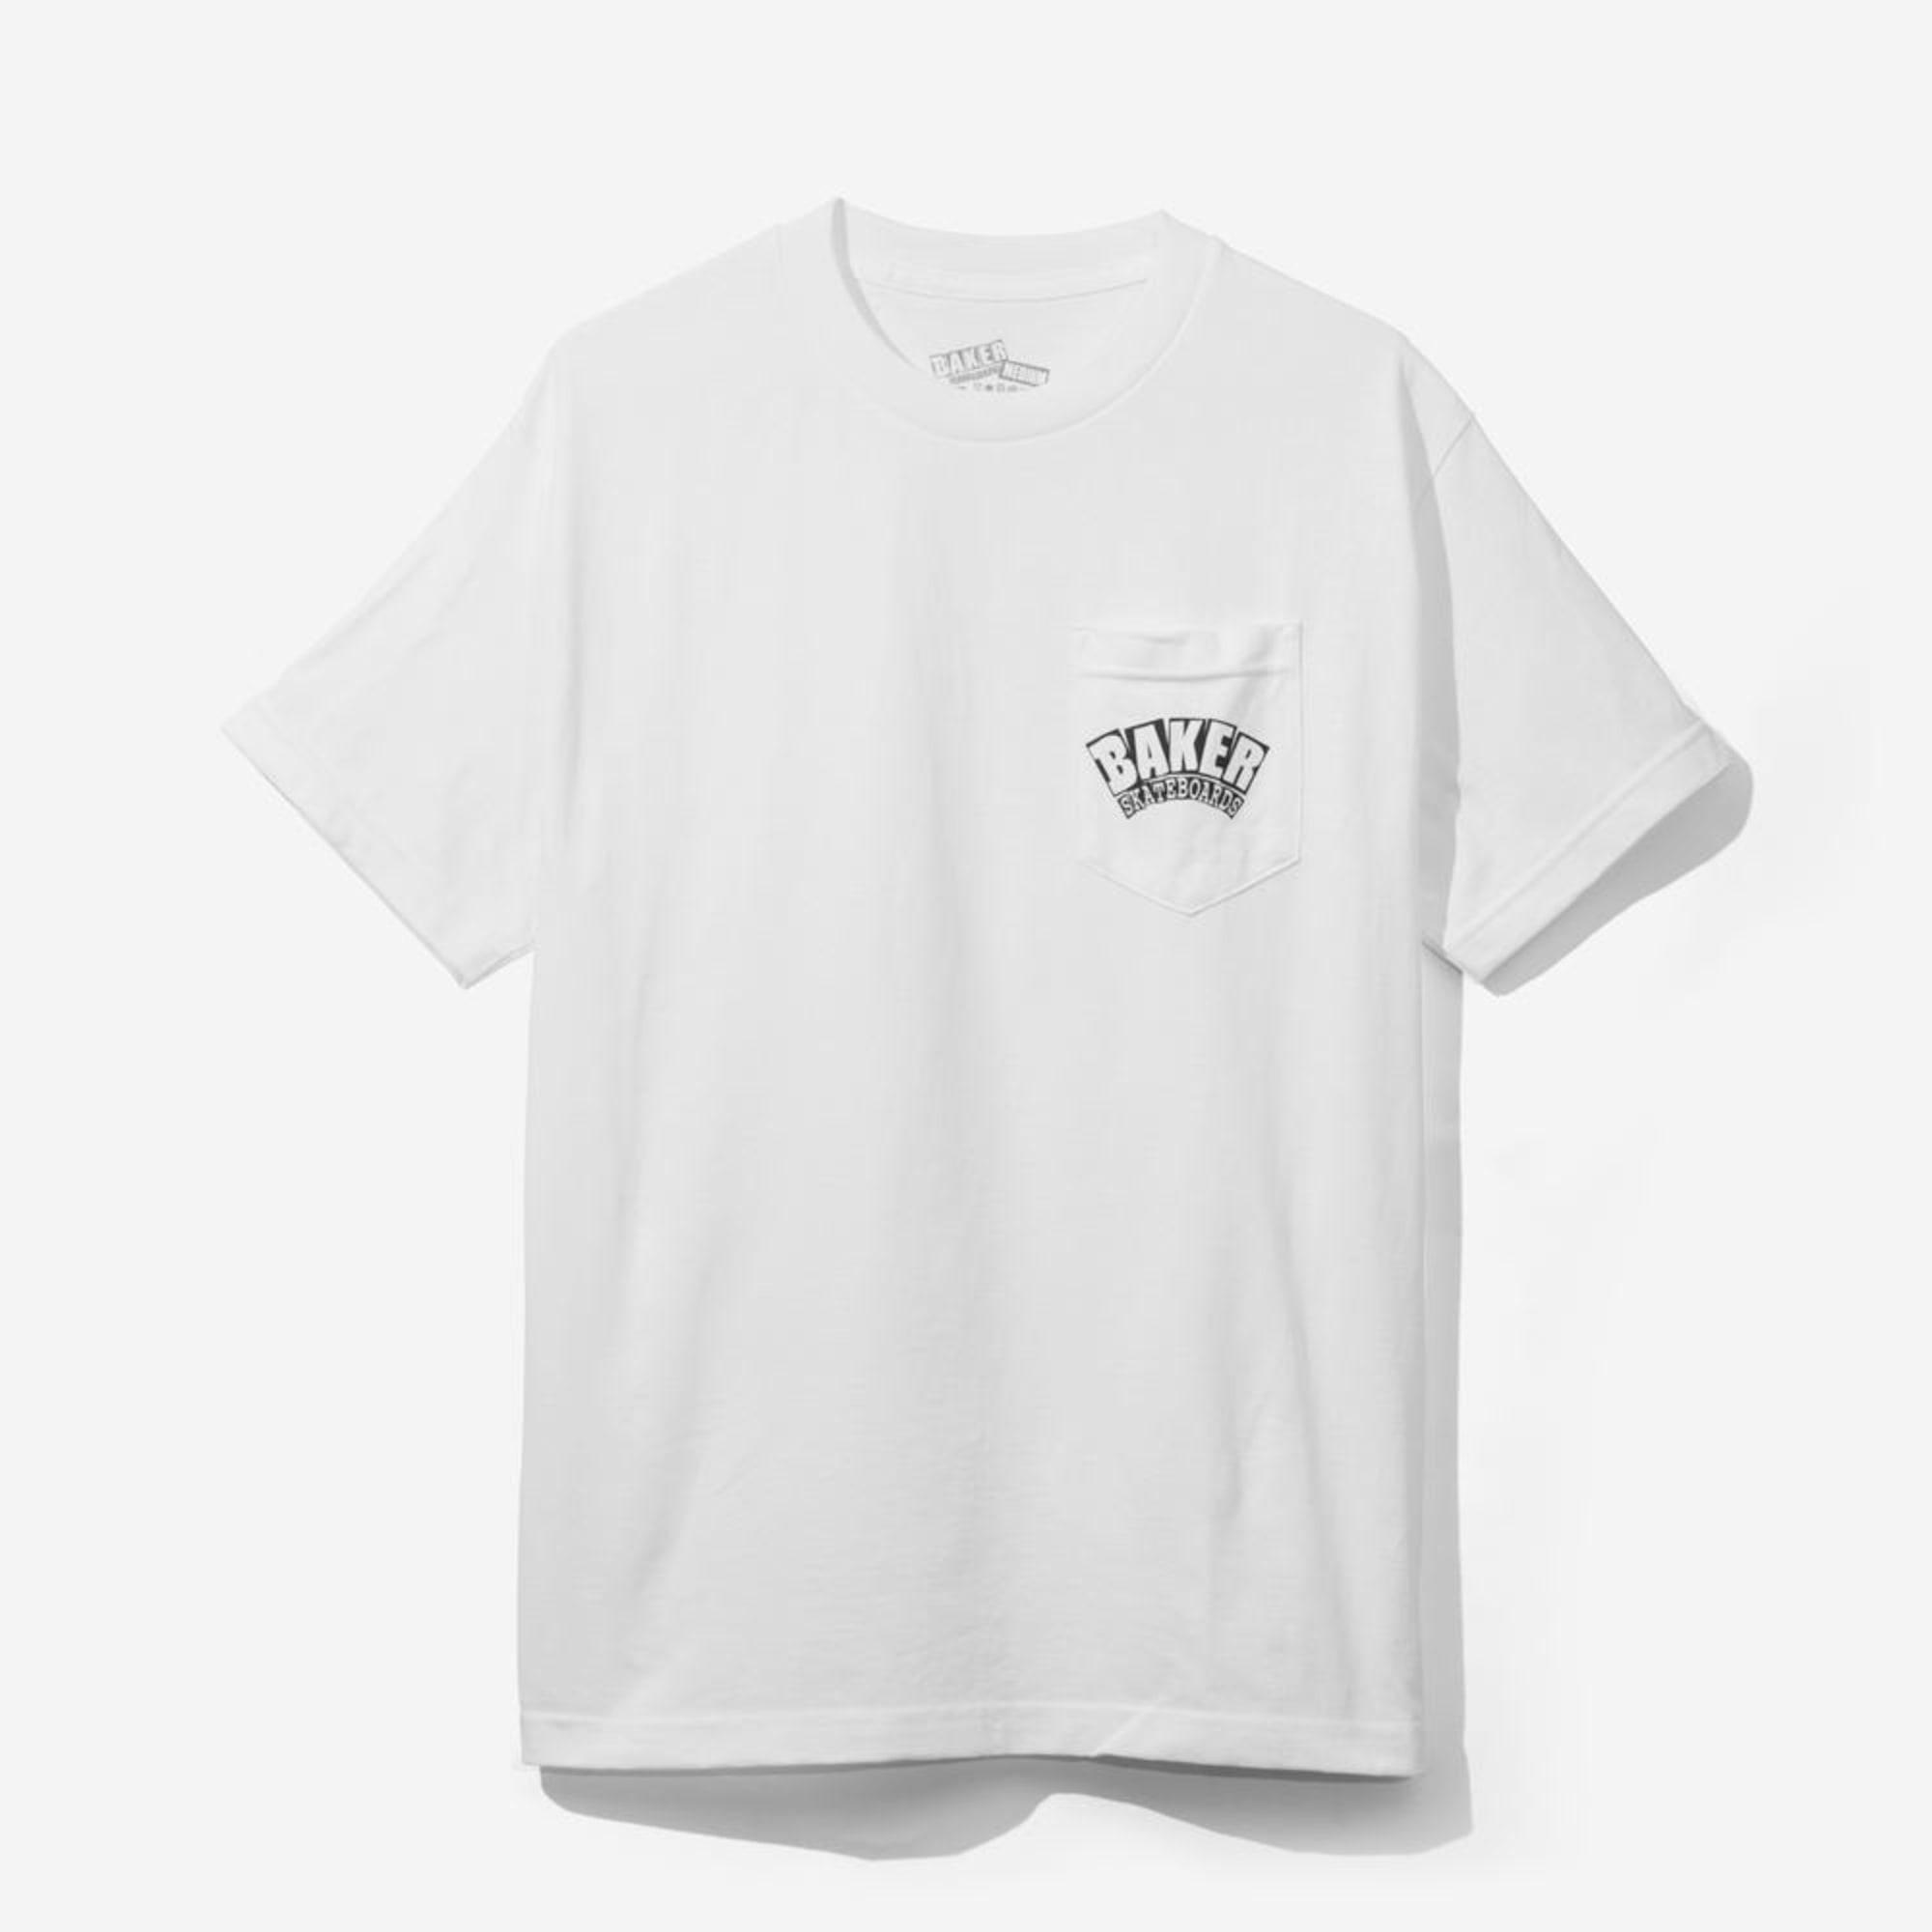 Baker 7858730 Skateboards 2mBlanc Tee Shirt bfvIm6gyY7